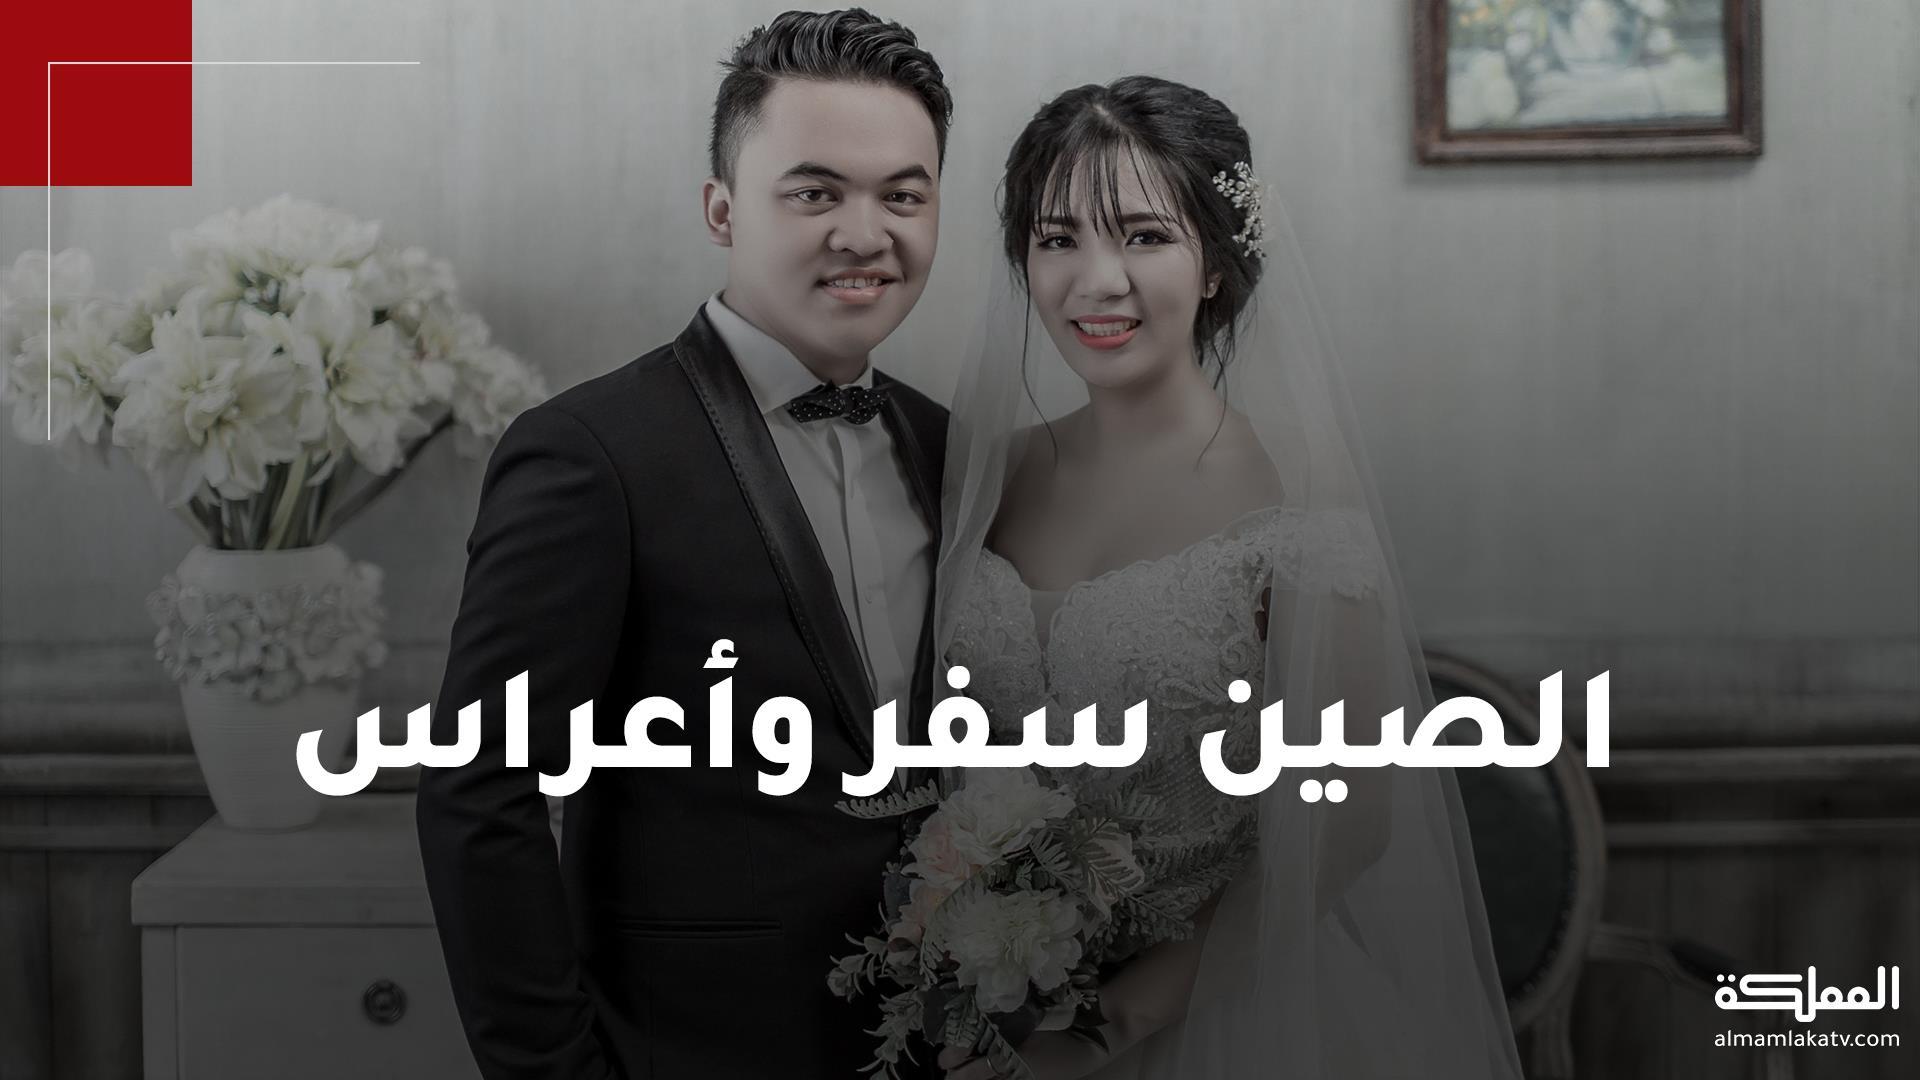 الصين تتعافى من كورونا ..آلاف حفلات الزفاف وملايين رحلات السفر على امتداد البلاد انتقاما من الفيروس